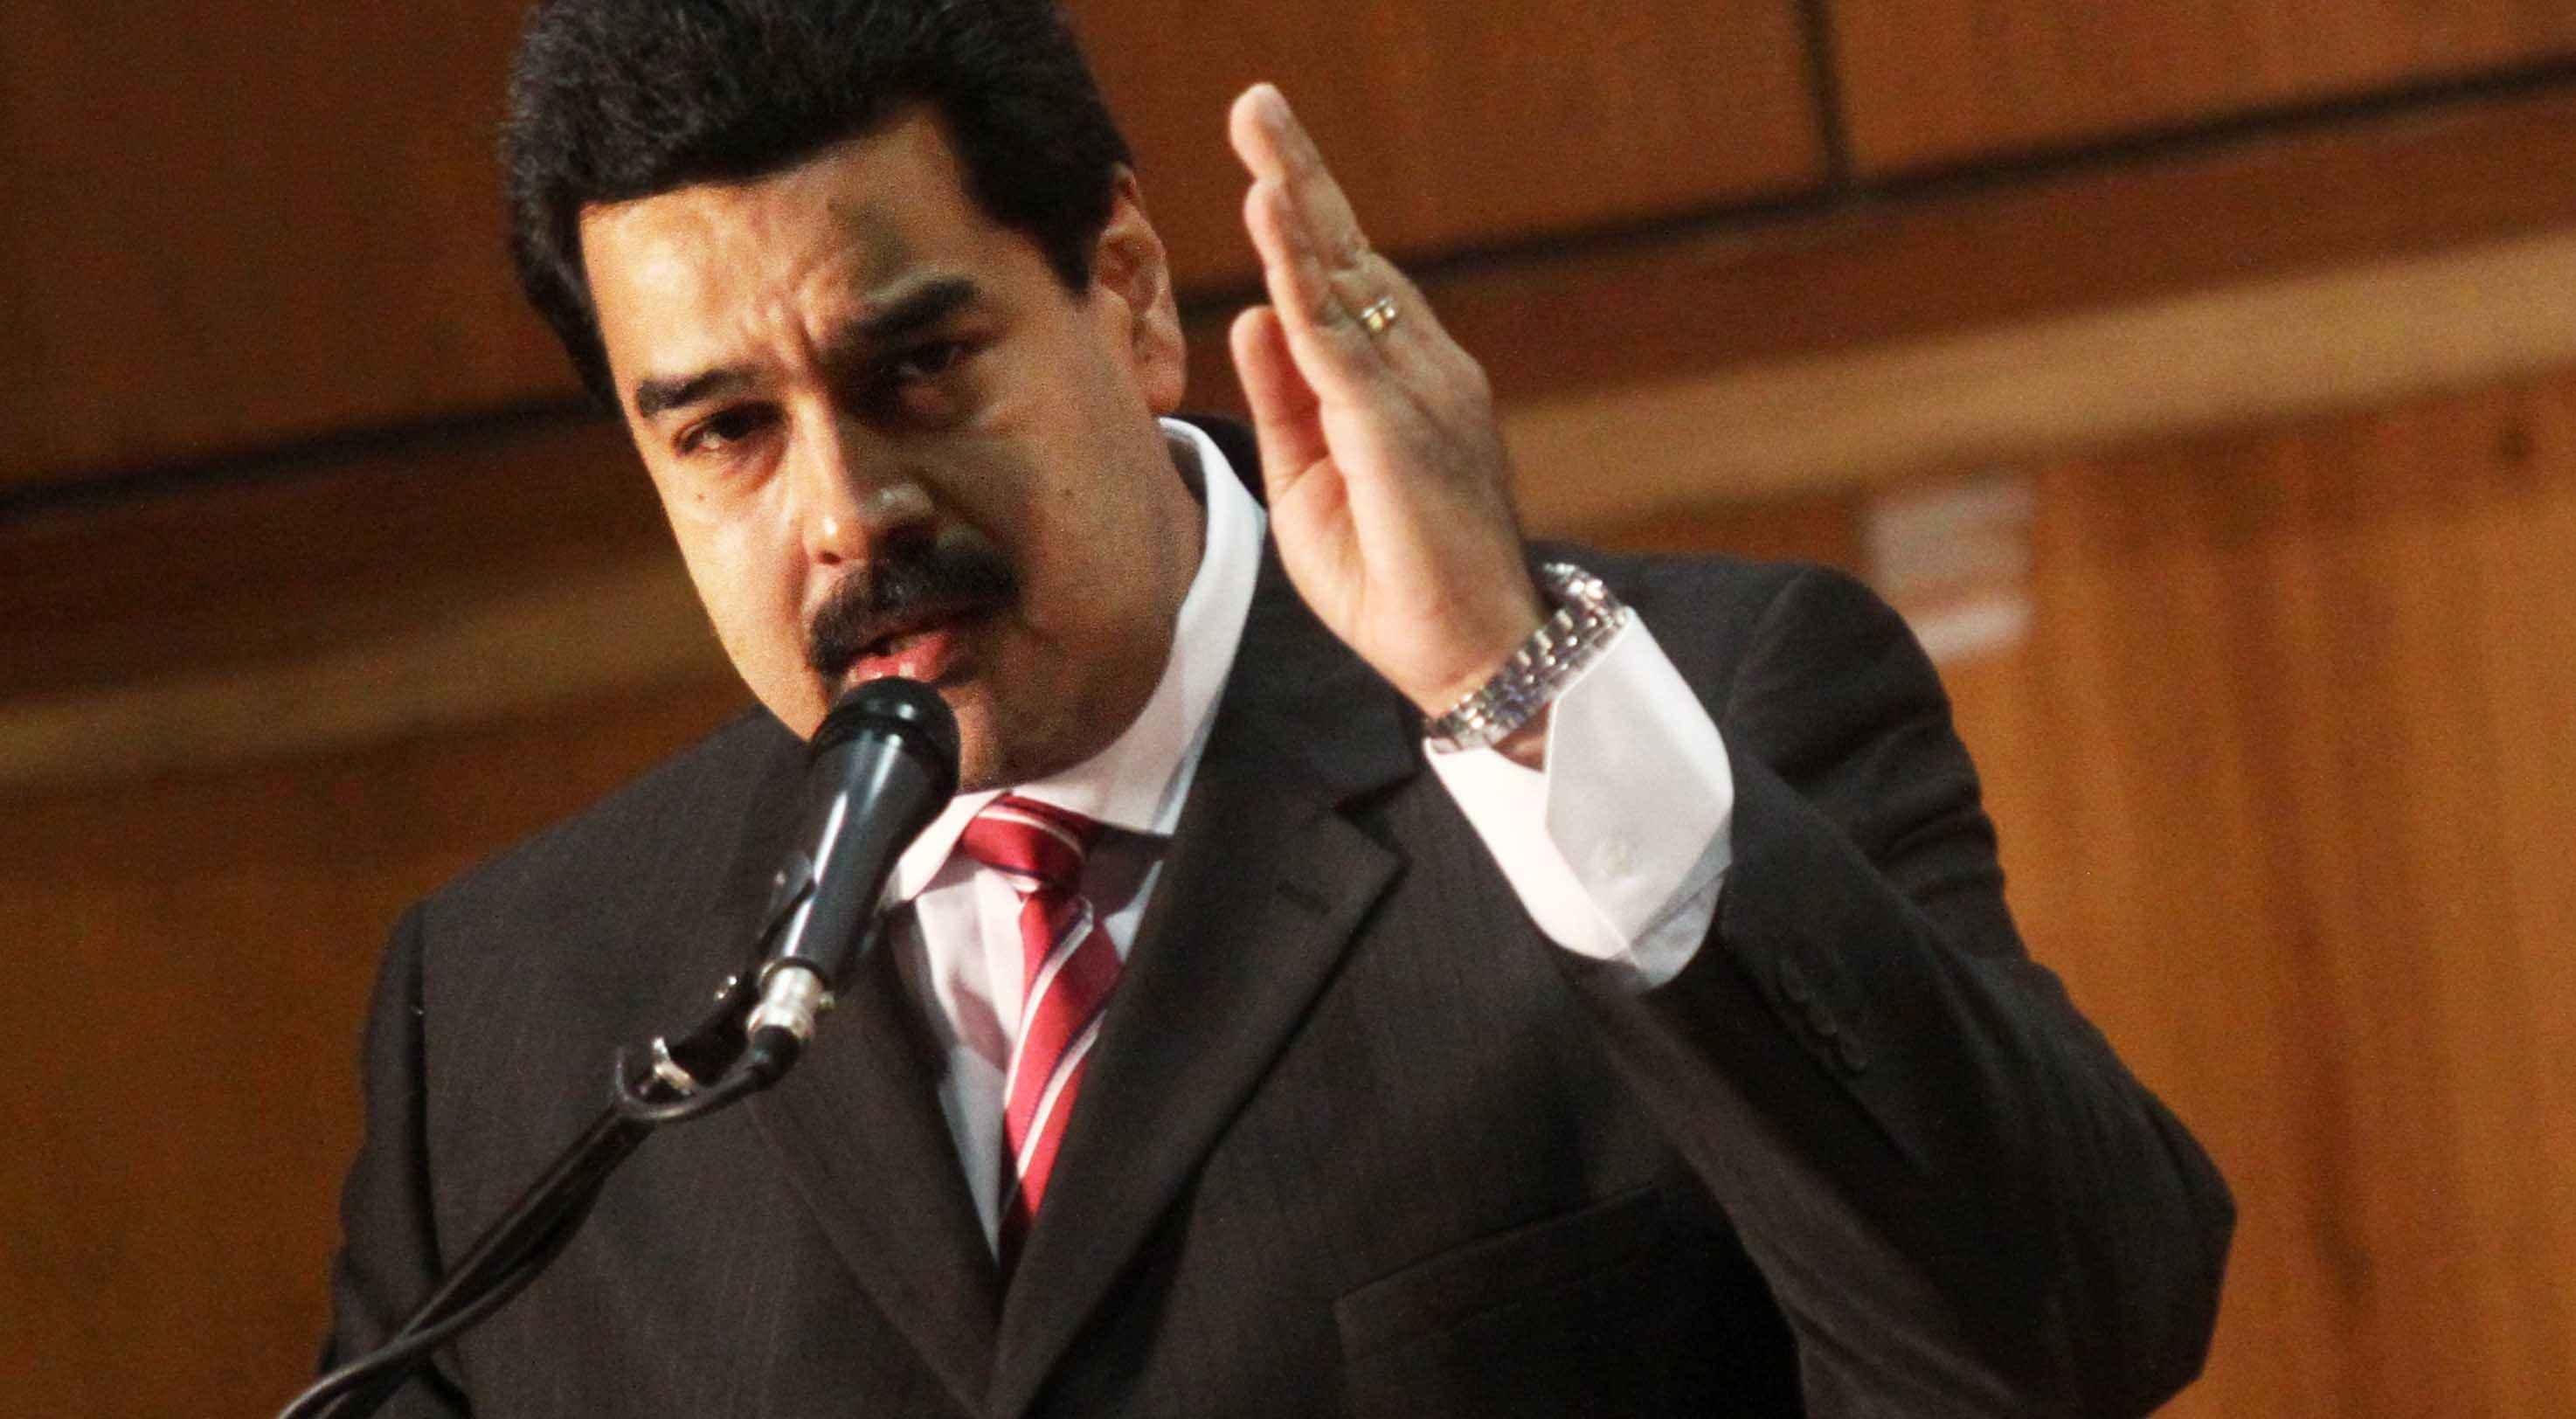 Ejército venezolano desarticula grupo armado de Óscar Pérez